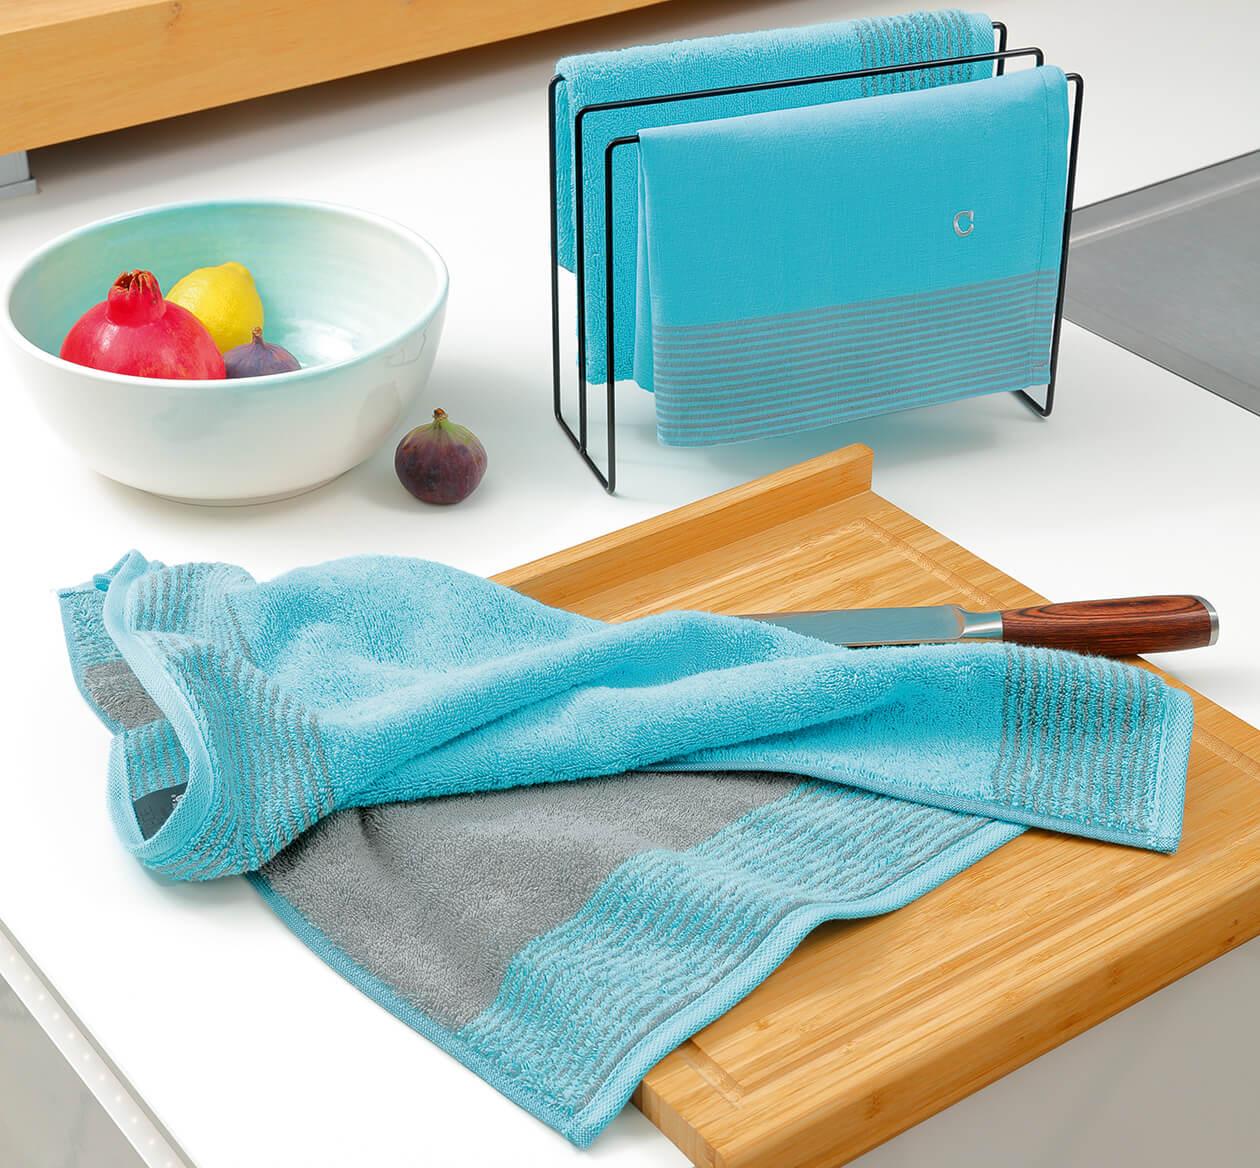 Cawö Two-Tone 590 - Küchenhandtuch 50x50 cm - Farbe: graphit - 70 Detailbild 2